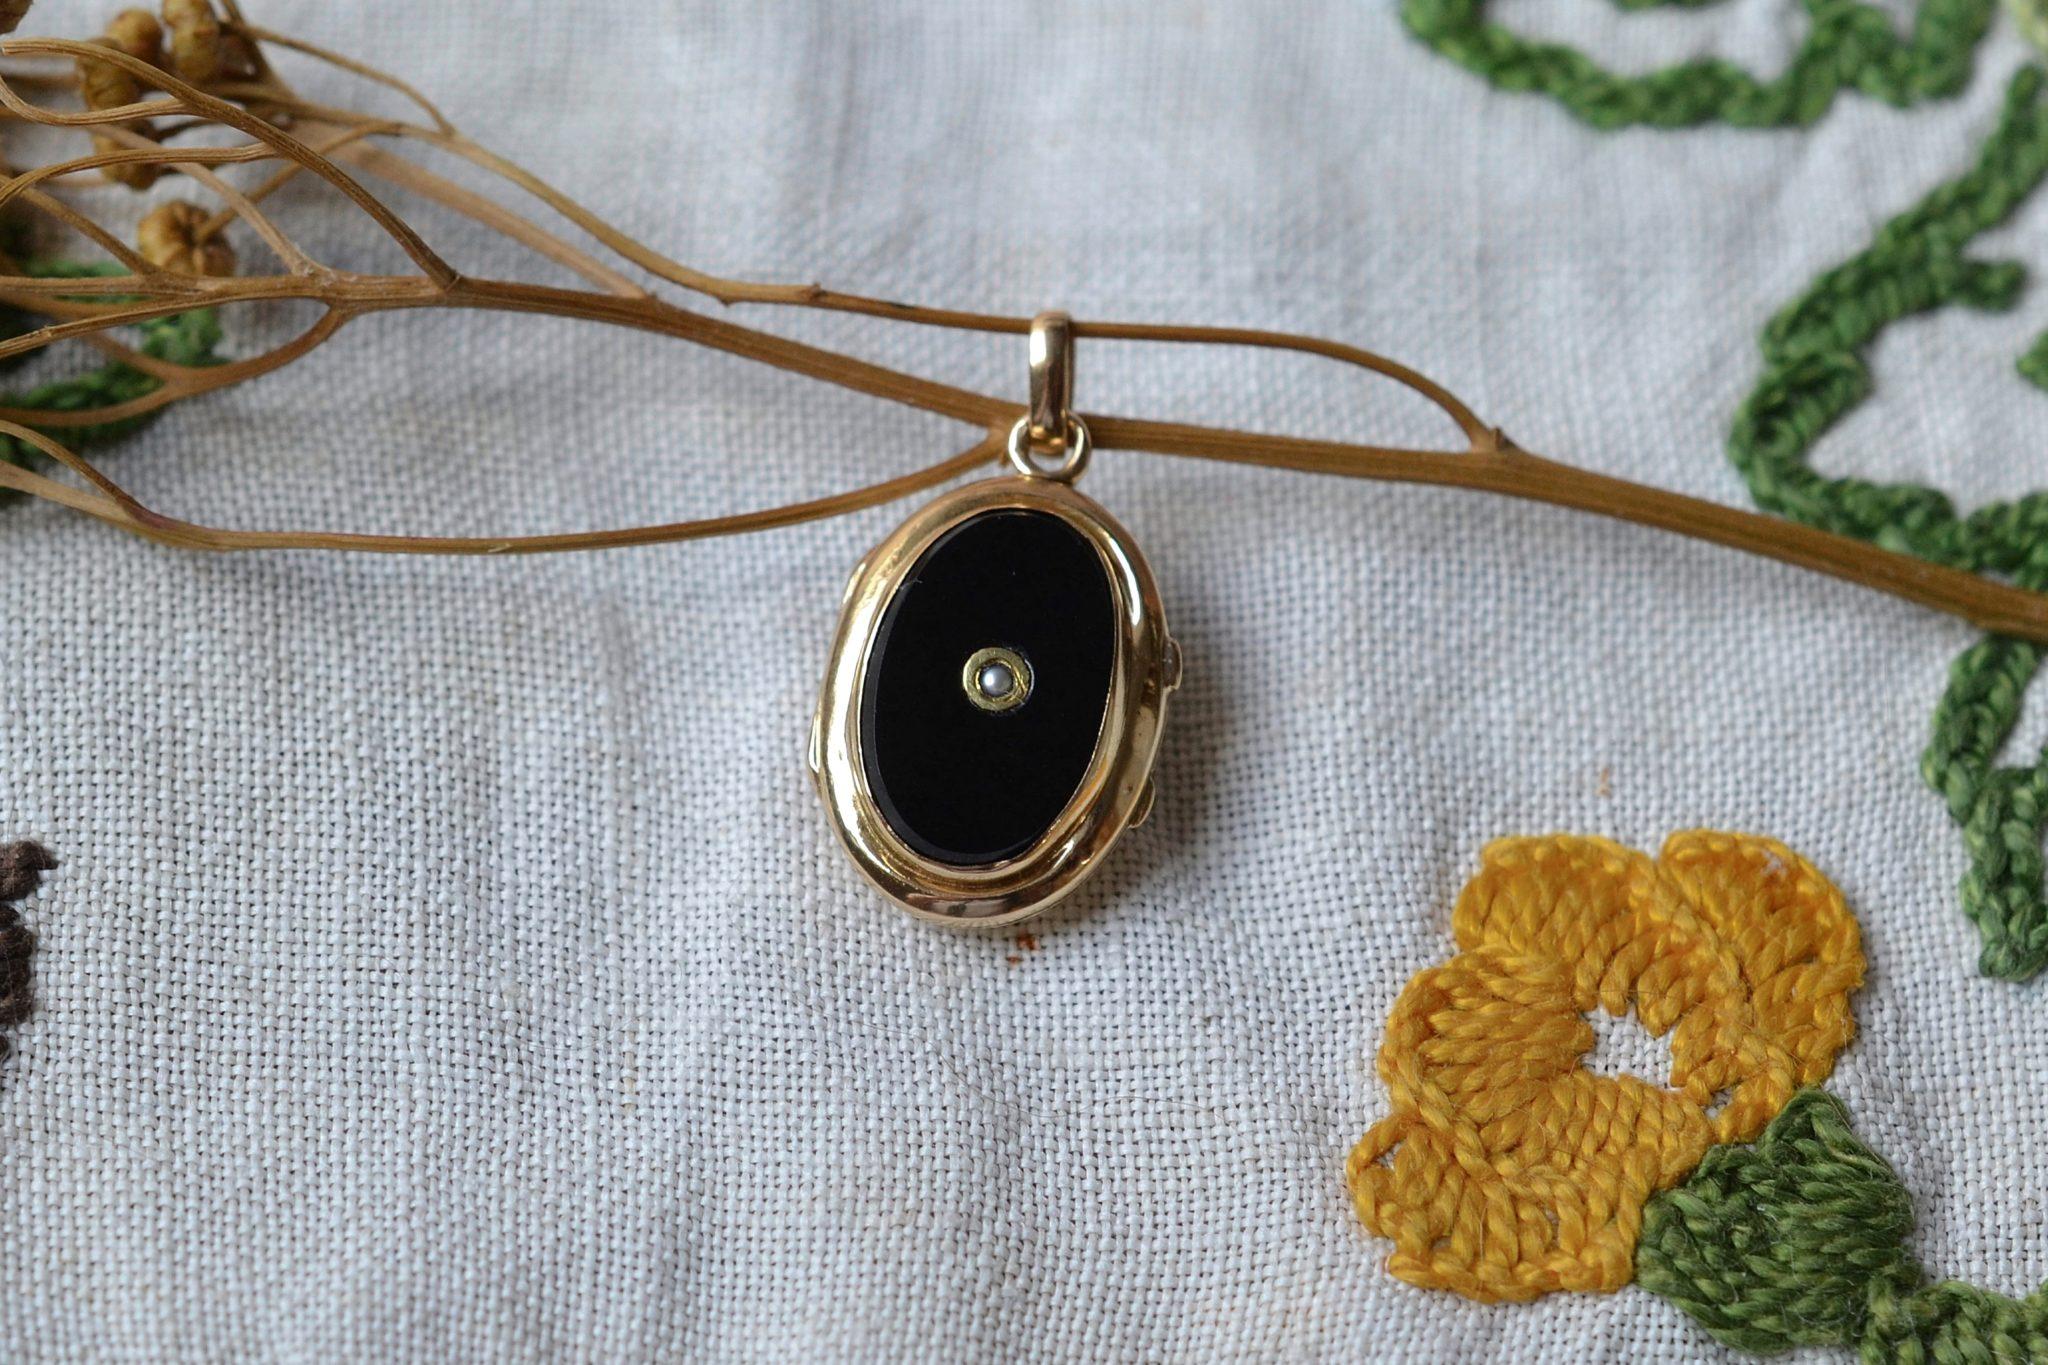 Pendentif-ouvrant-en-Or-jaune-garni-d-une-plaque-d-Onyx-centree-d-une-perlette-pendentif-de-seconde-main